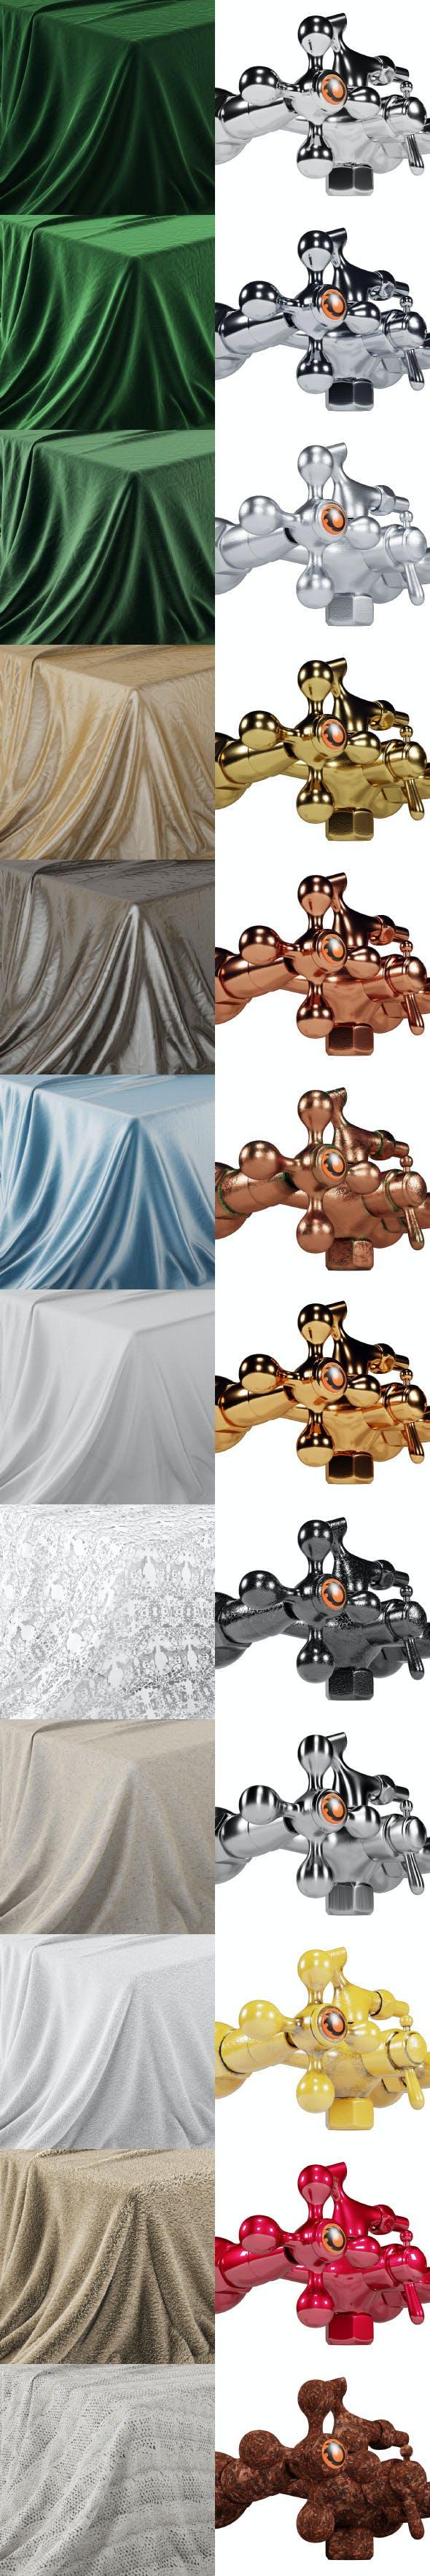 Corona material 1.00.02 kit - 3DOcean Item for Sale